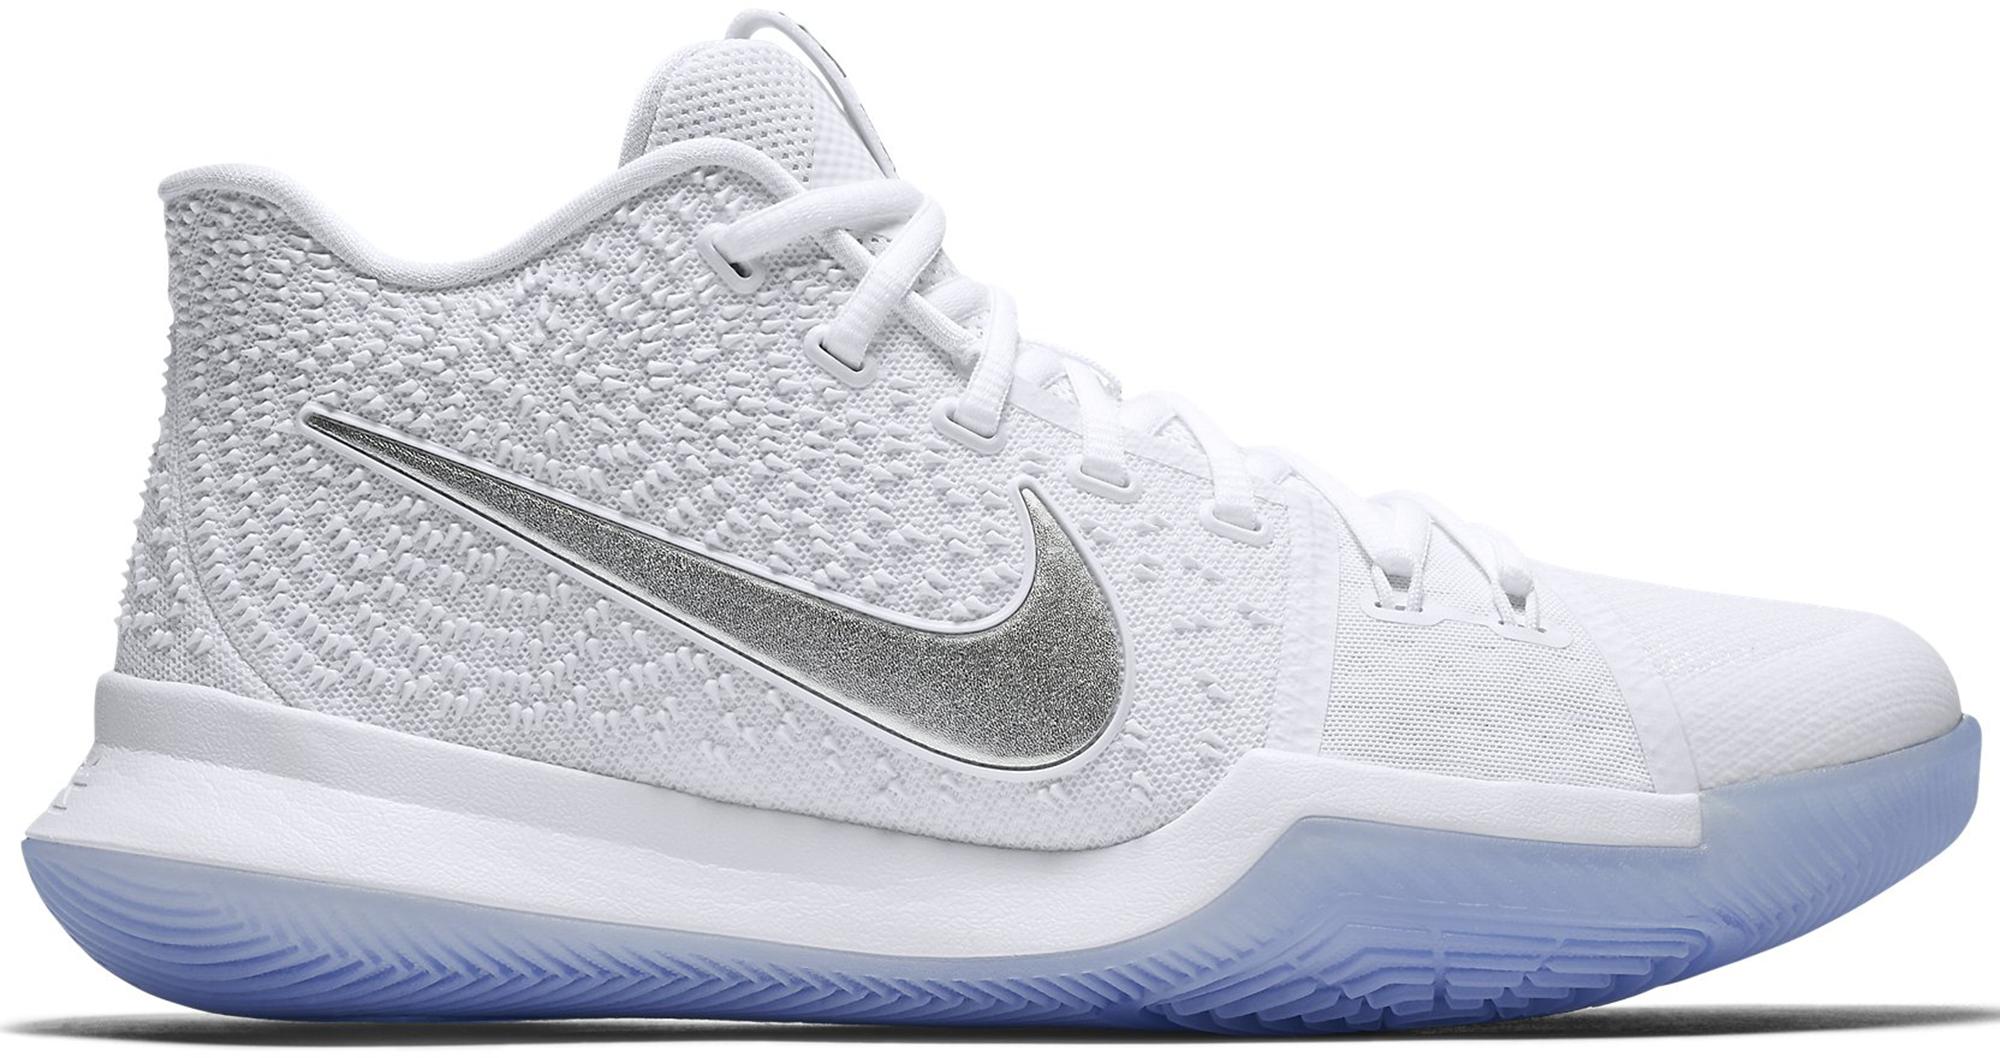 Nike Kyrie 3 White Chrome - 852395-103